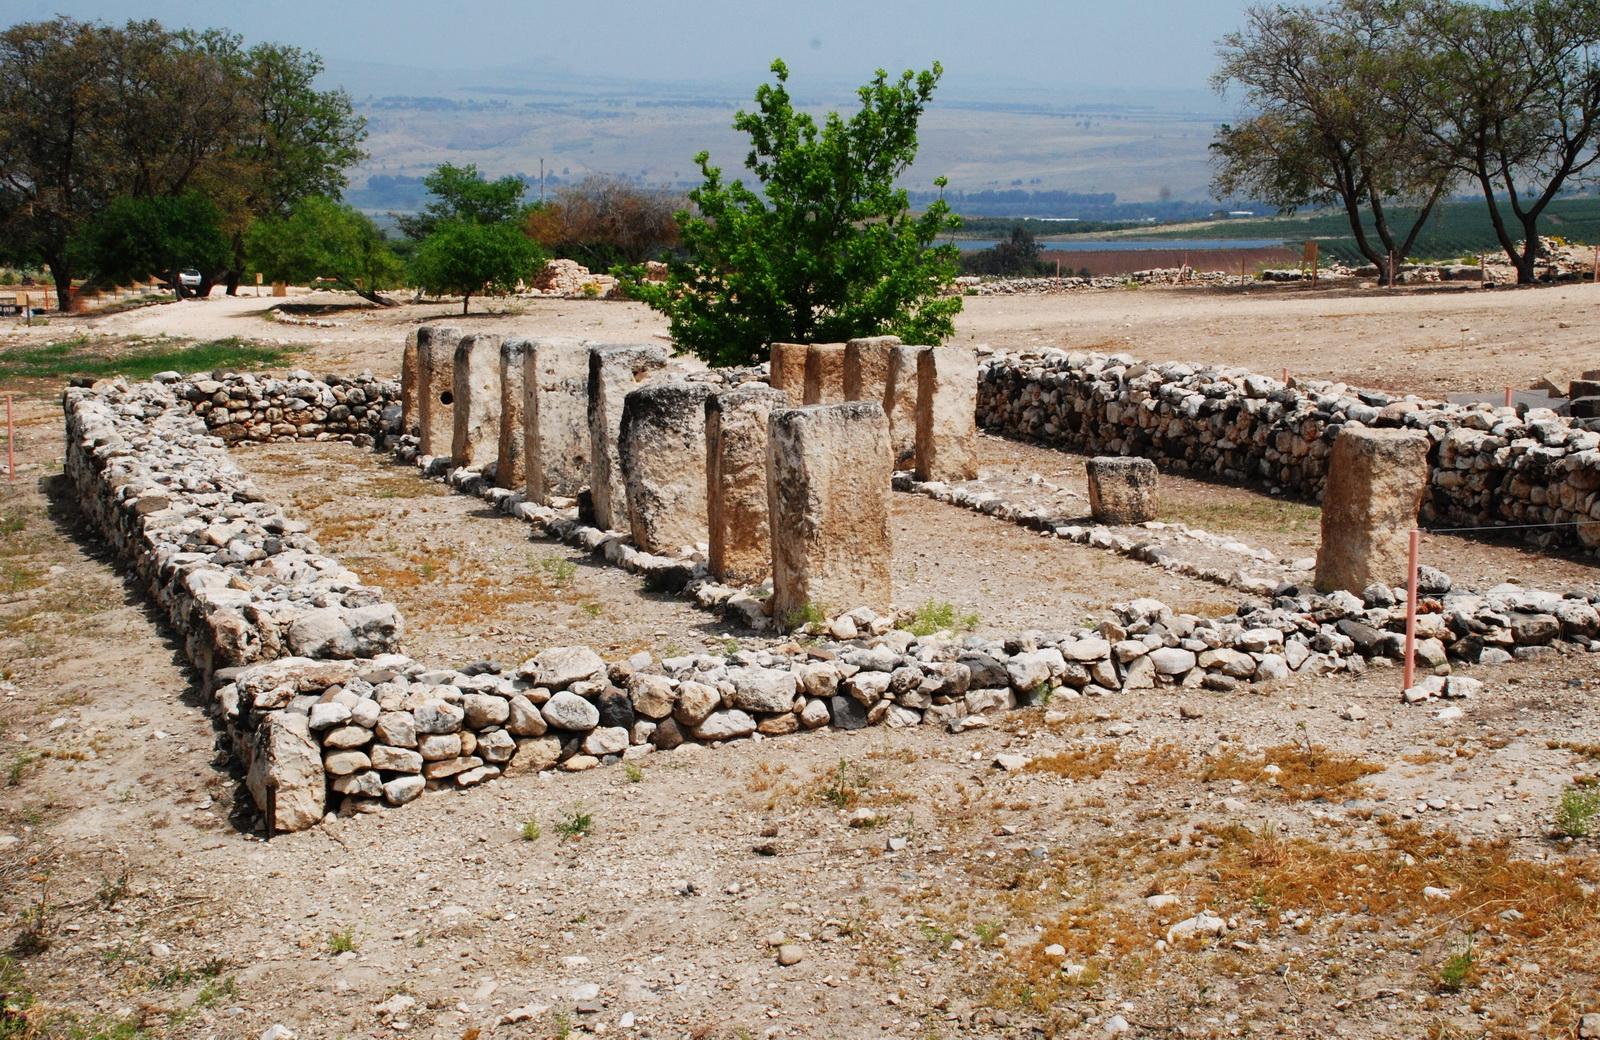 גליל עליון - תל חצור - שרידי ועמודי מבנה ציבורי באתר